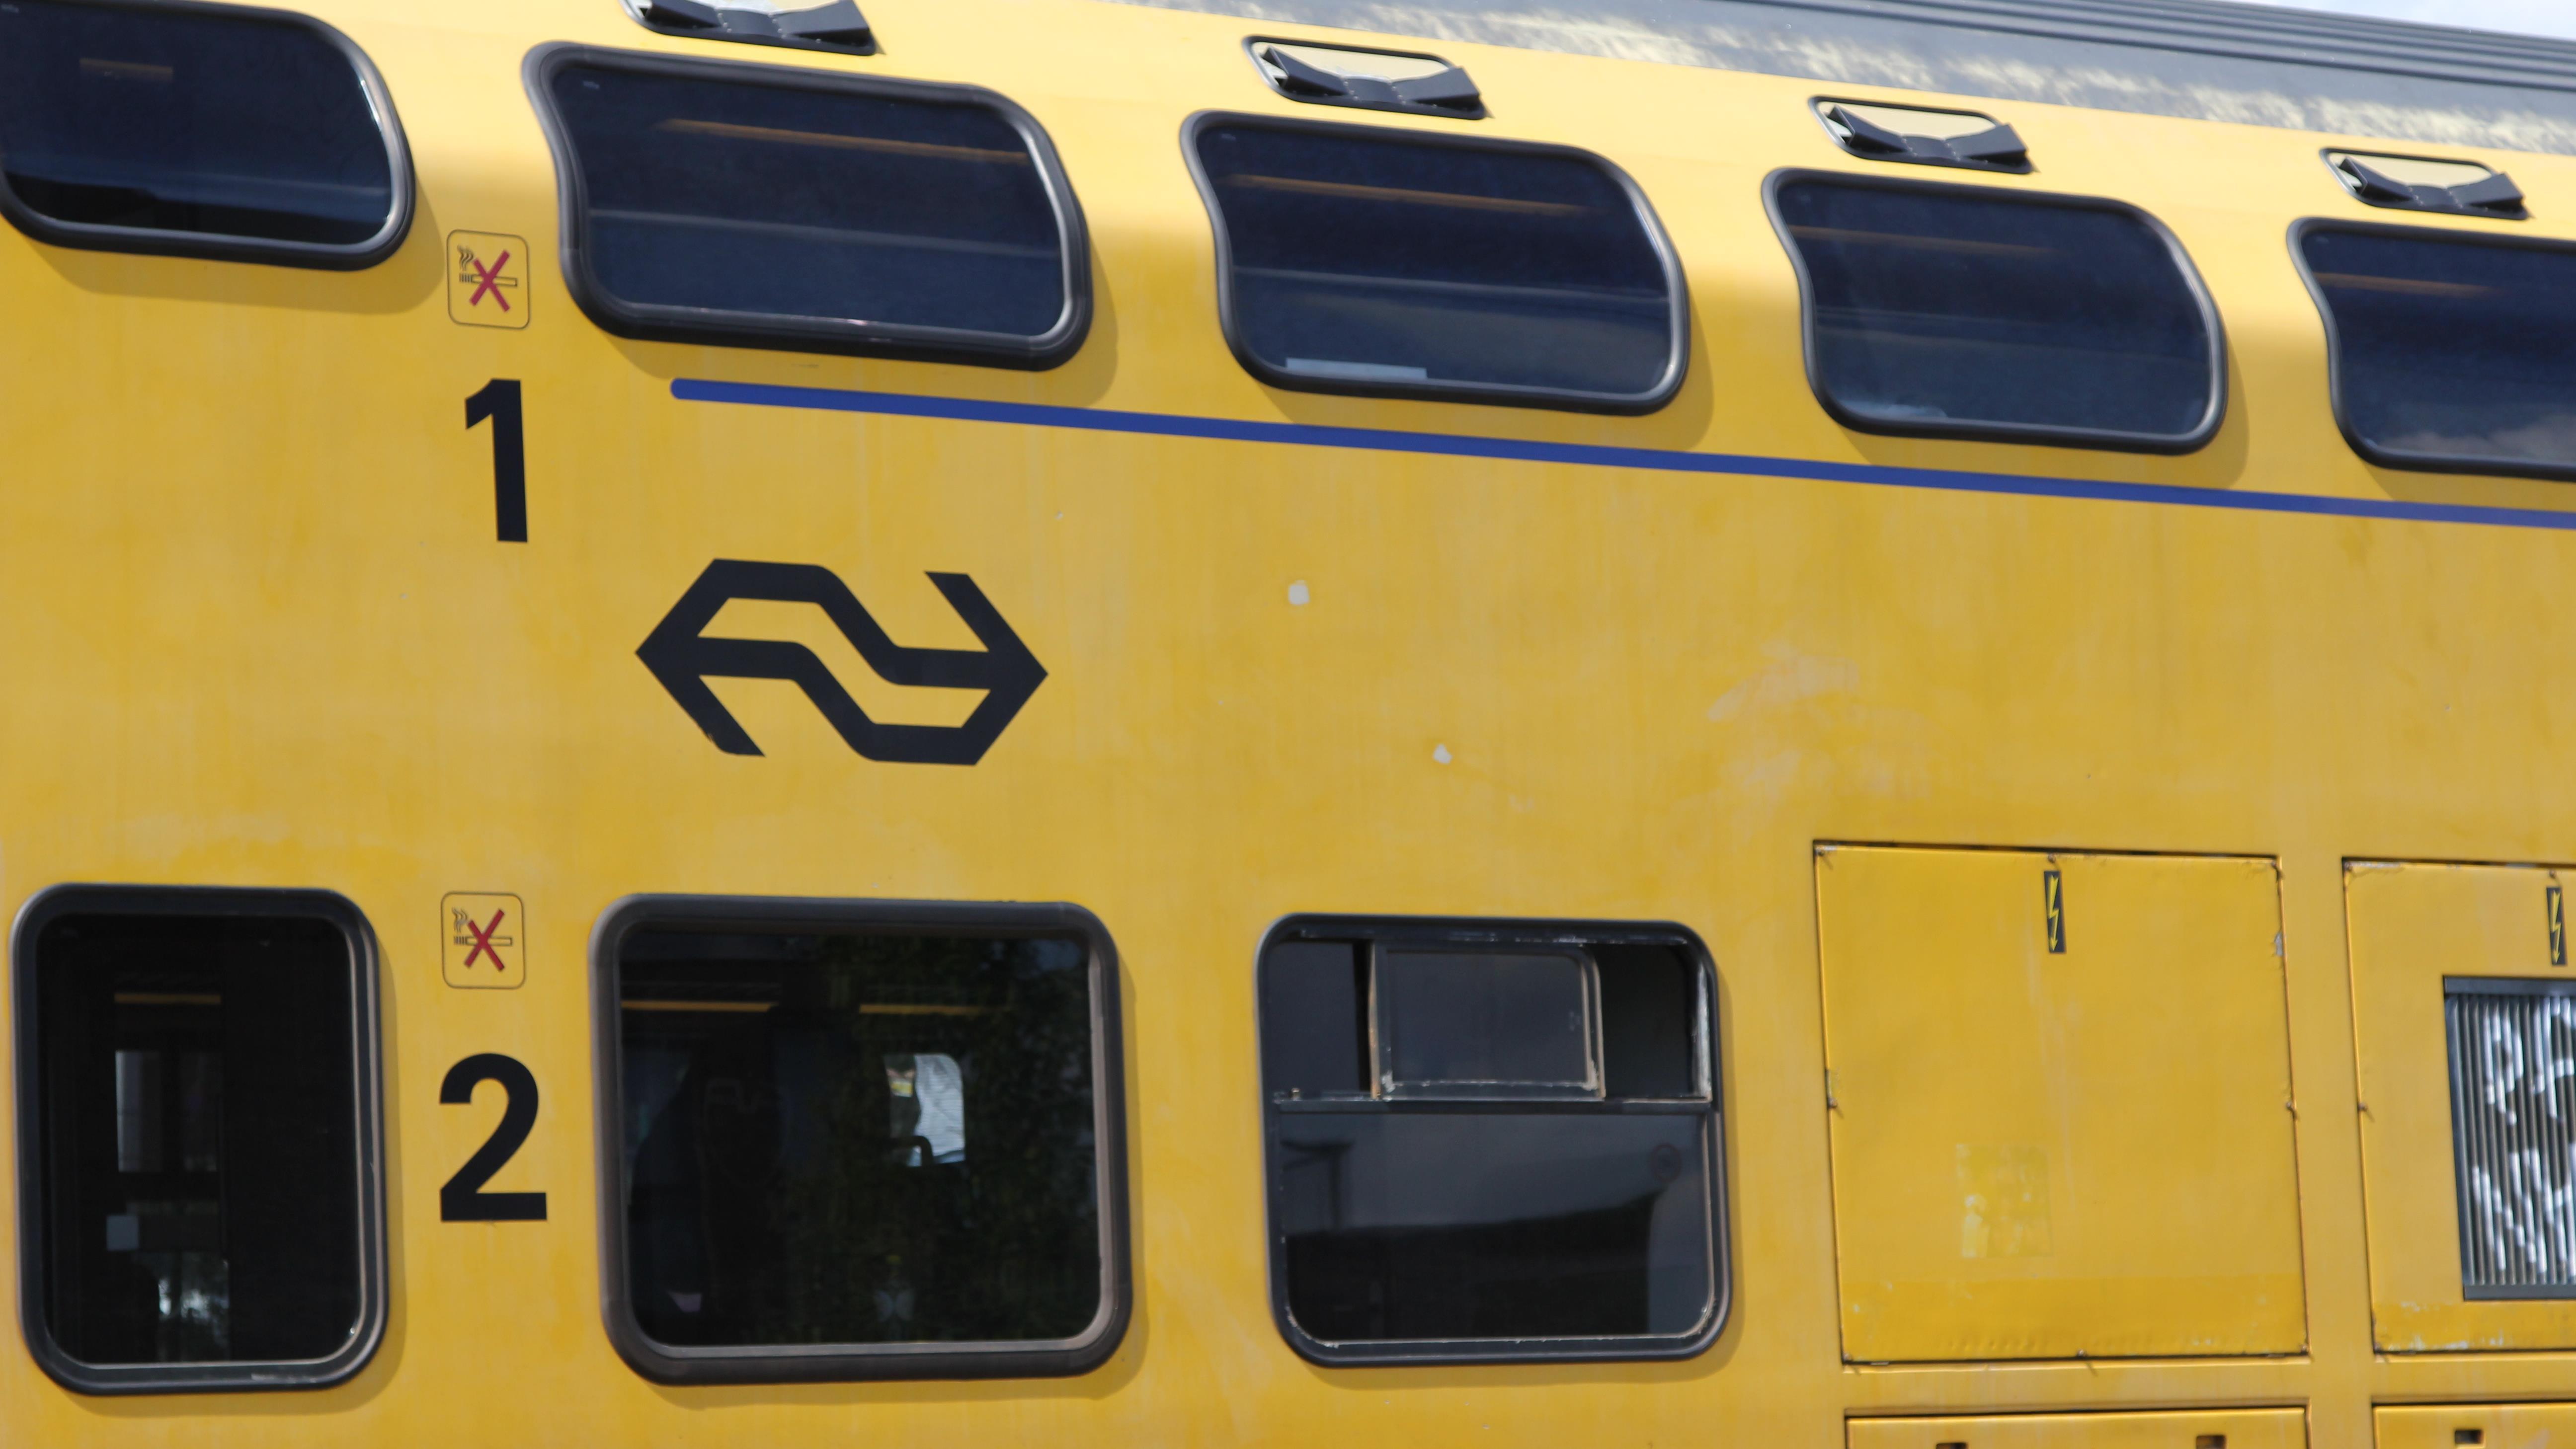 Treinen tussen Zwolle en Olst rijden weer na aanrijding.